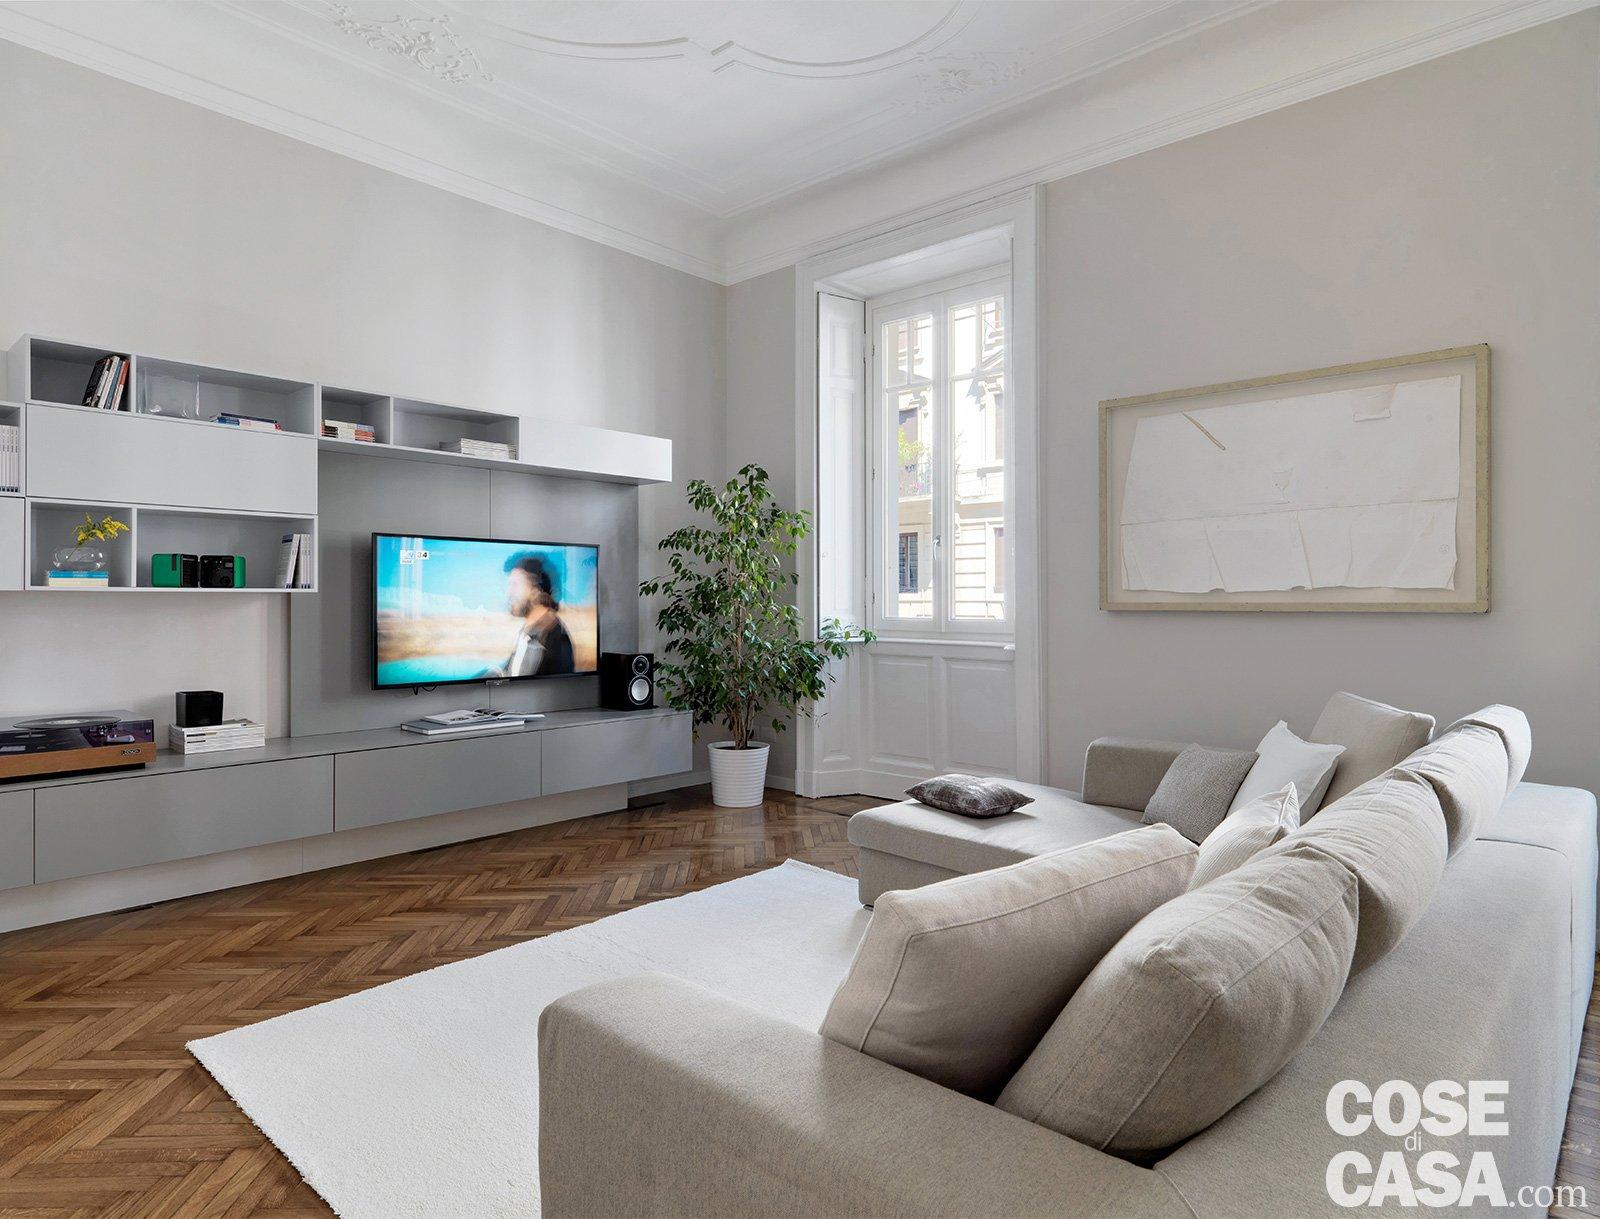 140 mq una casa con pavimenti originari in parquet e marmette primo 39 900 cose di casa - Casa con parquet ...